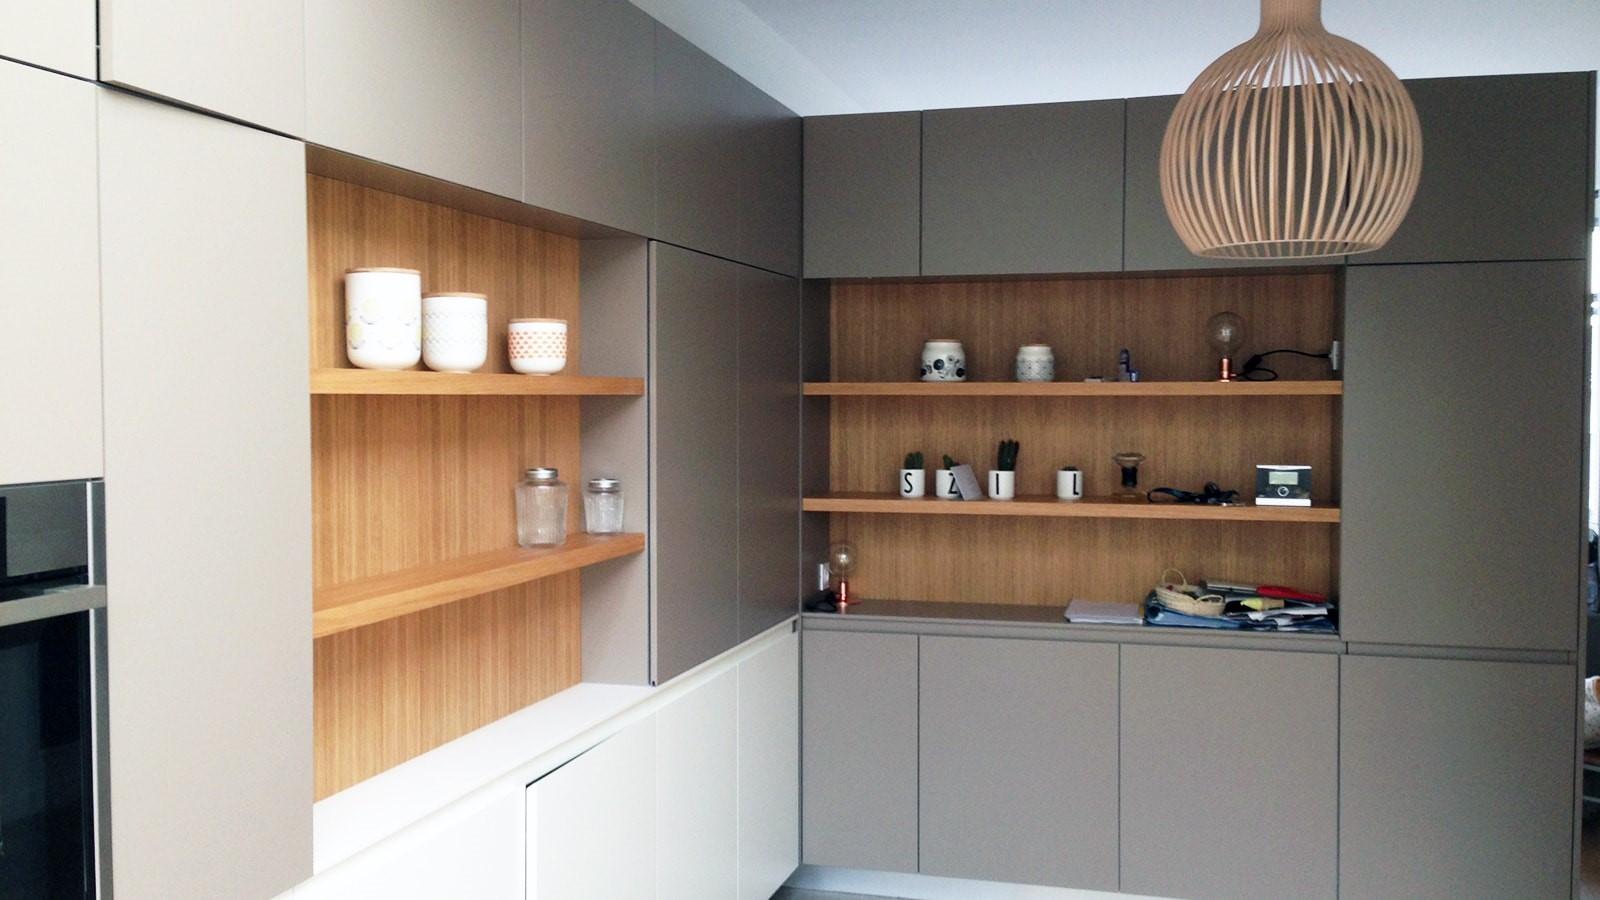 Maison Particuliere Nantes Efi Design (5)